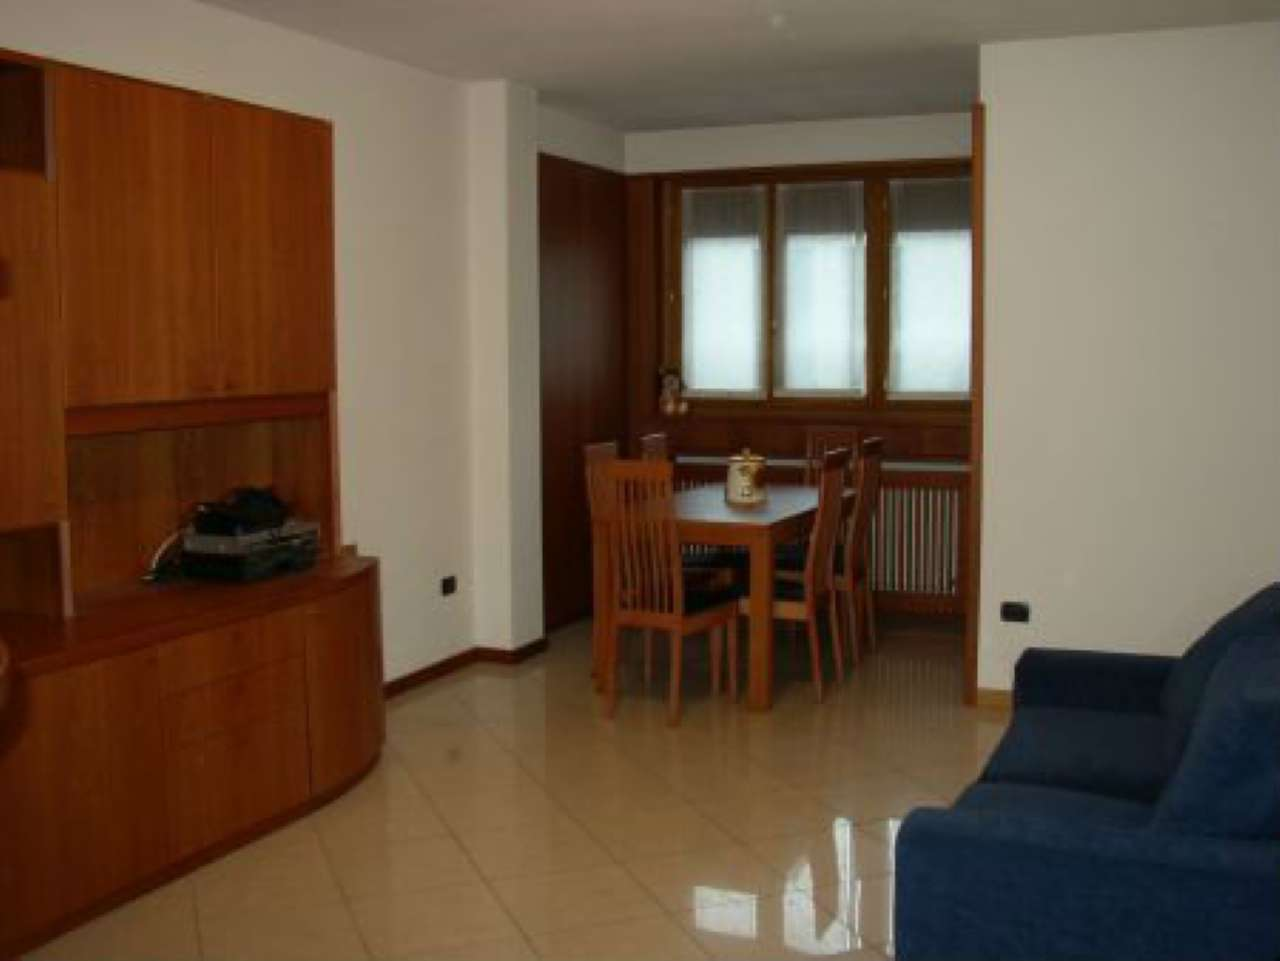 Appartamento in affitto a Sondrio, 2 locali, prezzo € 450 | Cambio Casa.it